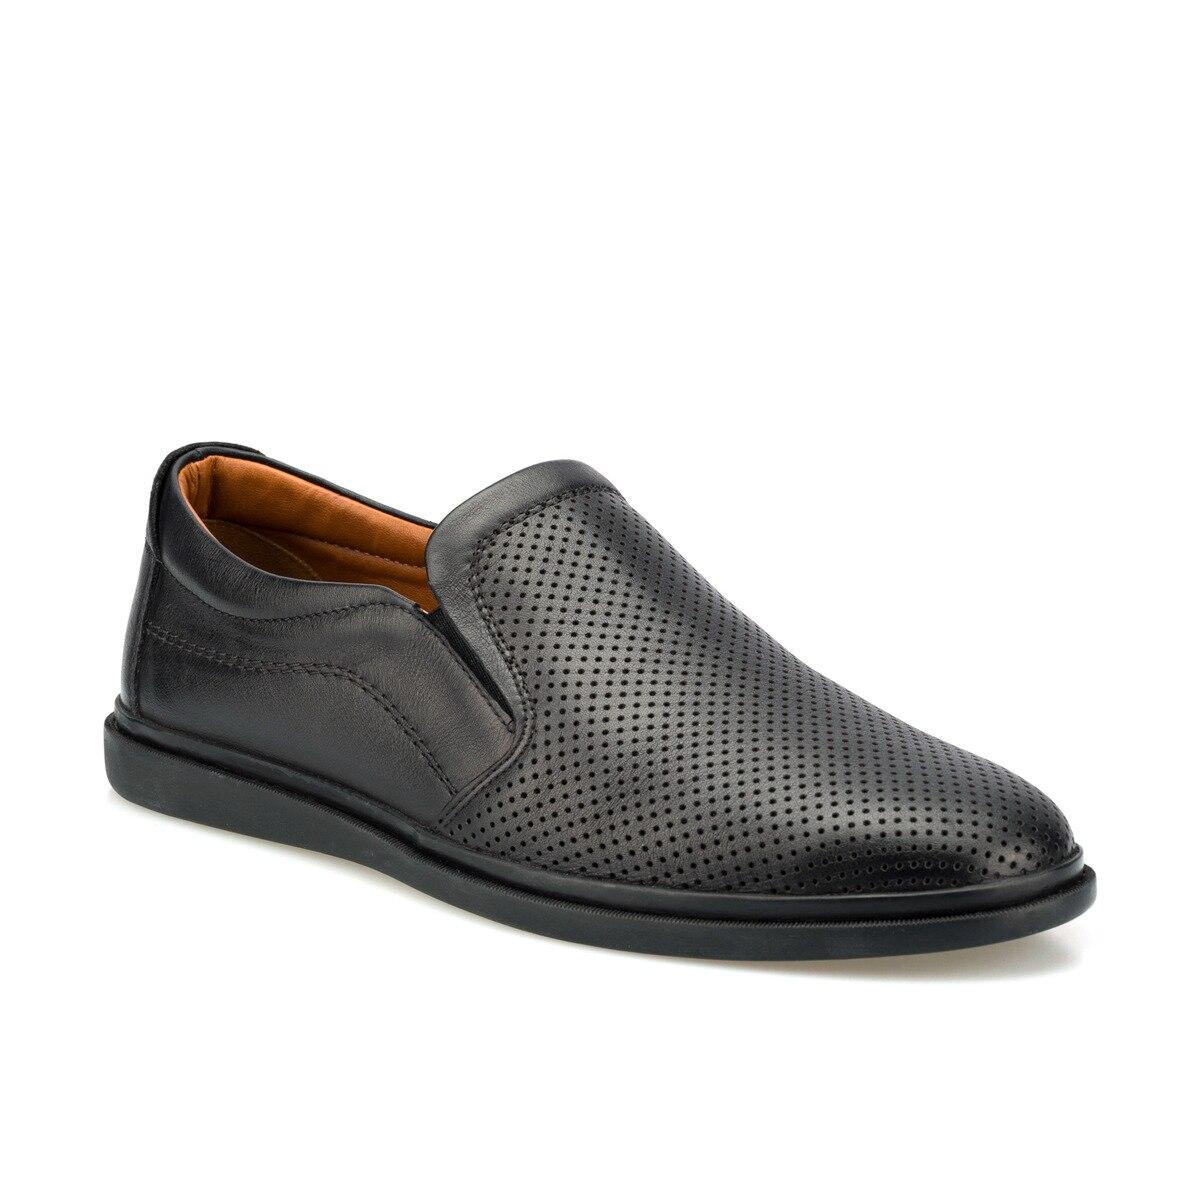 FLO 102081.M Black Men 'S Classic Shoes Polaris 5 Point